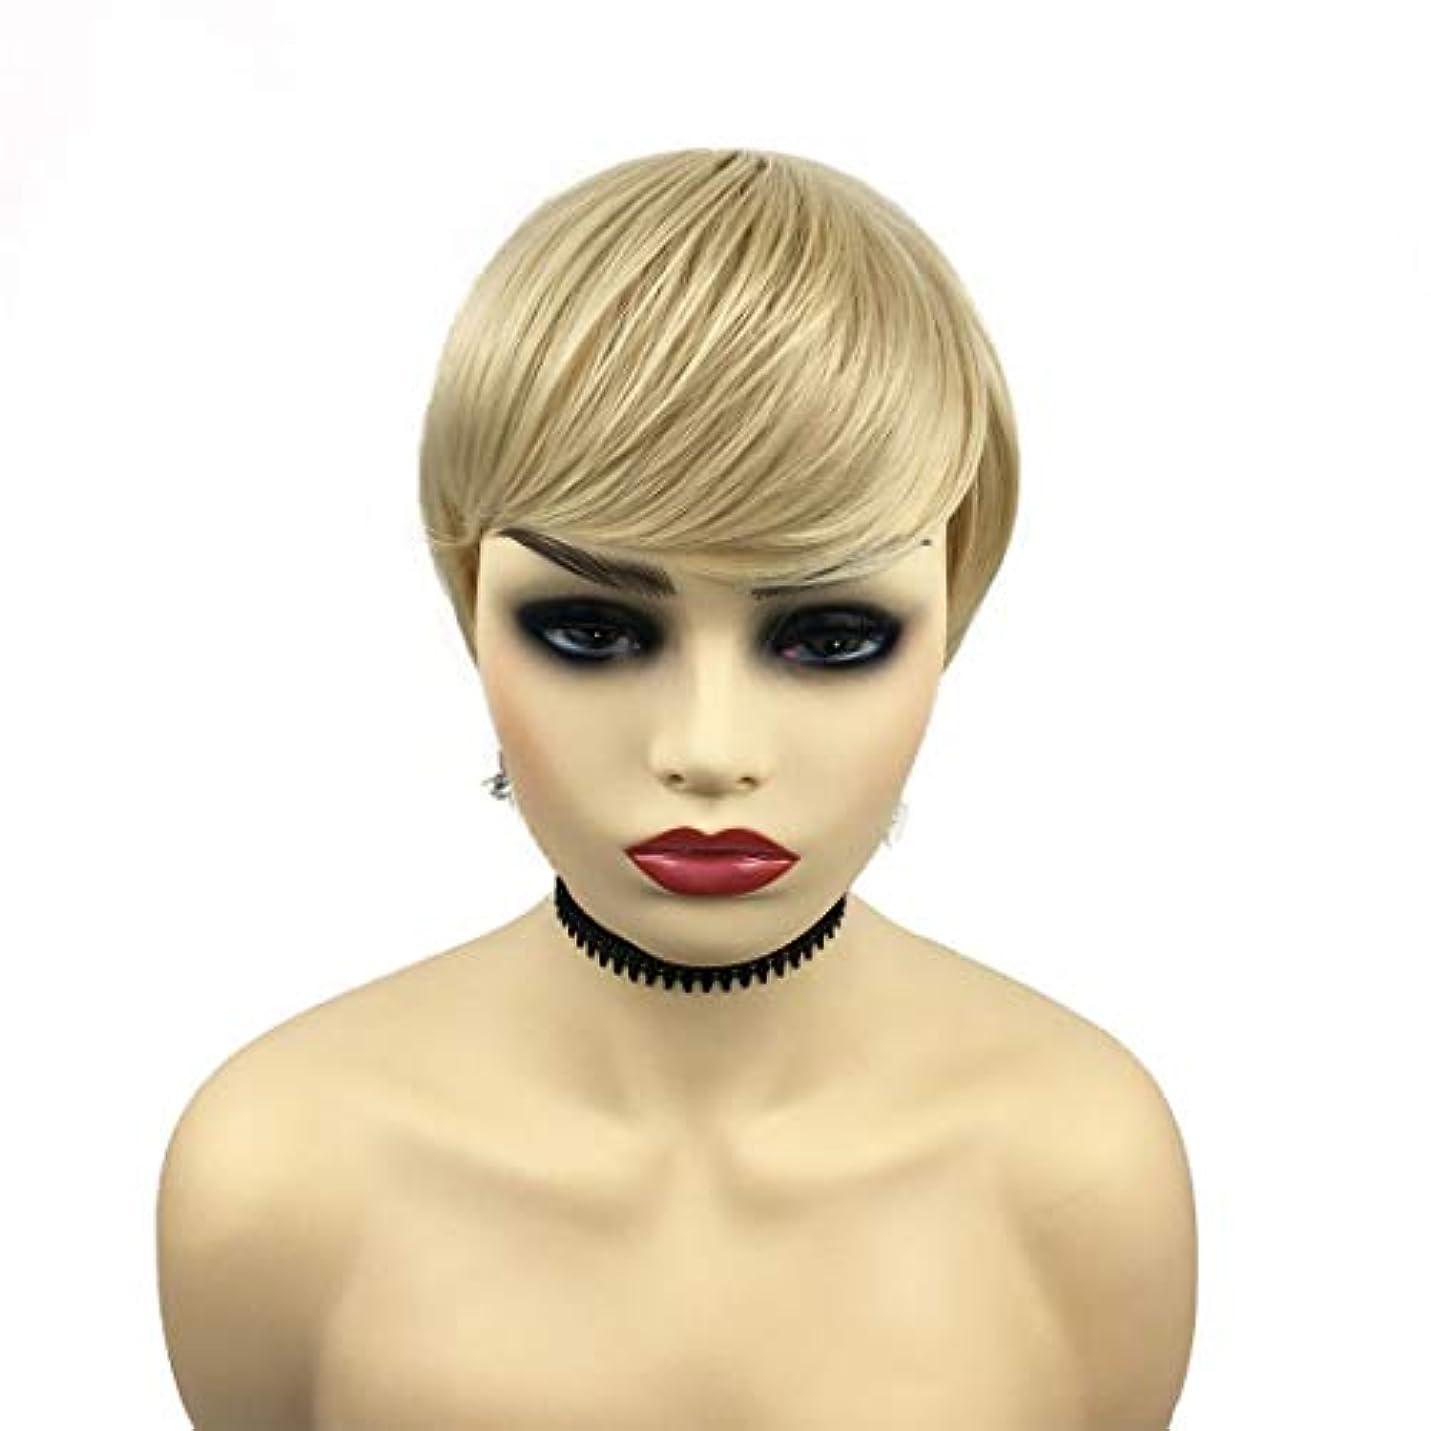 パトロール密オーチャードYOUQIU 女性の耐熱ウィッグナチュラルヘアウィッグのための金髪ショート傾斜部髪ストレート天然、合成ストレートウィッグ (色 : Blonde)